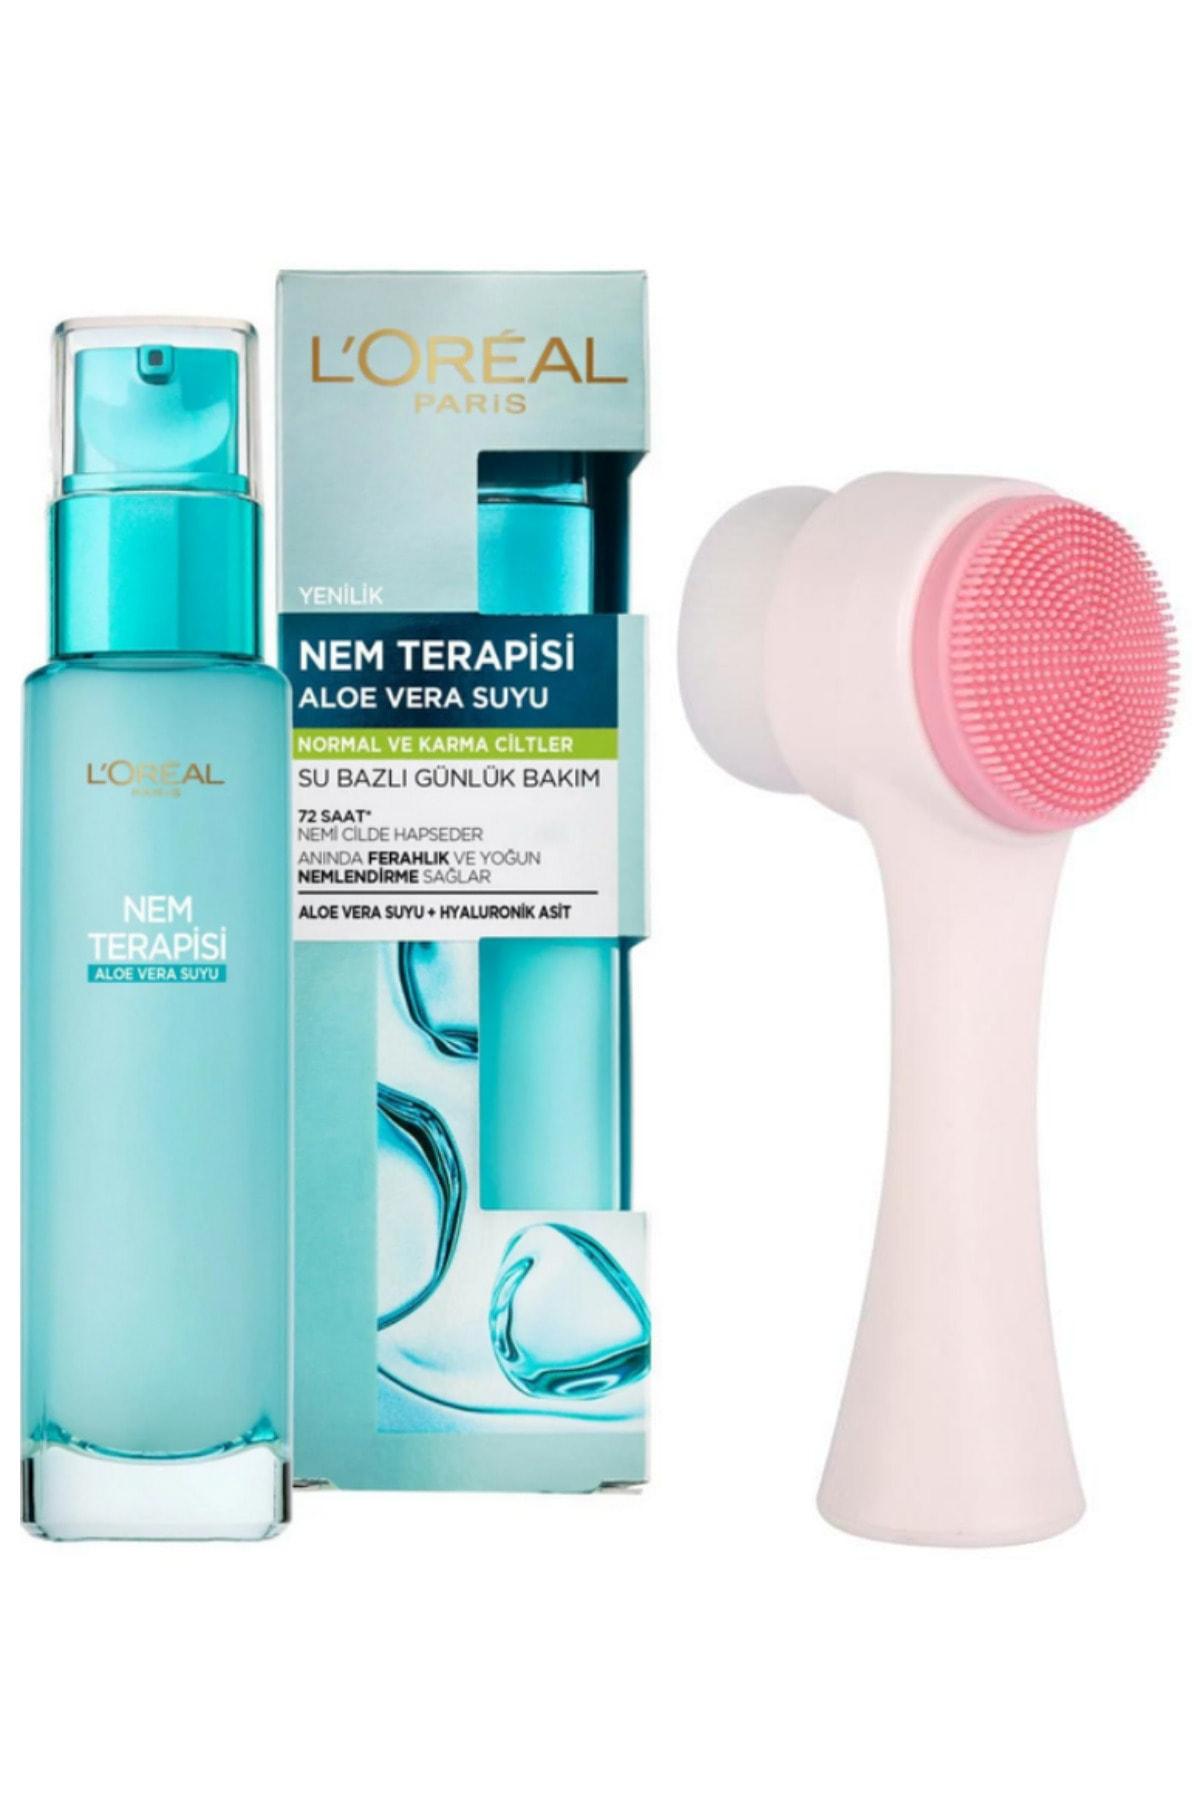 L'Oreal Paris Nem Terapisi Aloe Vera Suyu Normalden Karmaya Ciltler Ve Fluweel Cilt Temizleme Fırçası 1